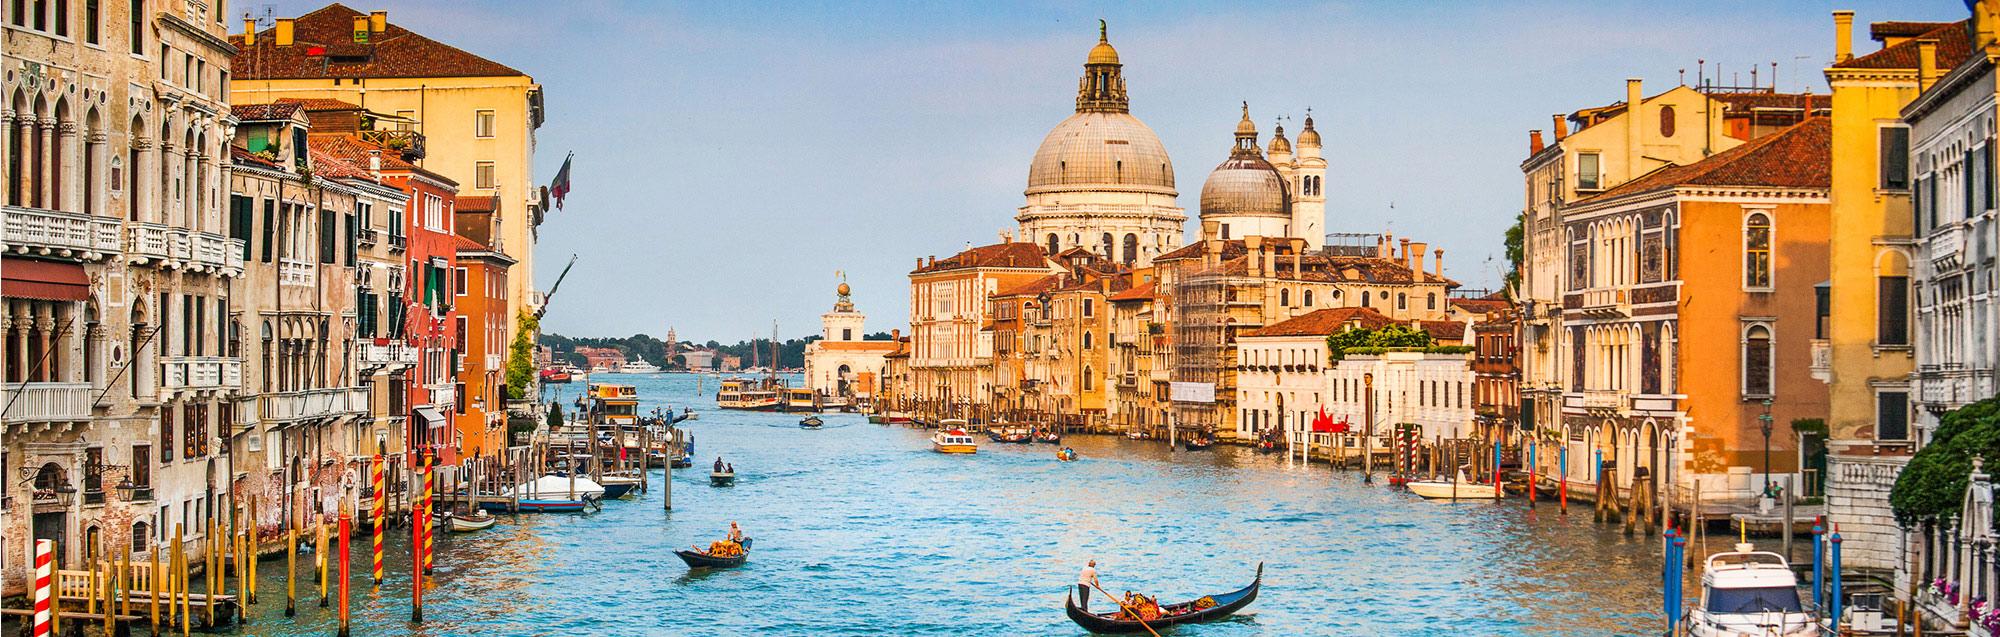 Dein Sprachkurs in einer Sprachschule Venedig